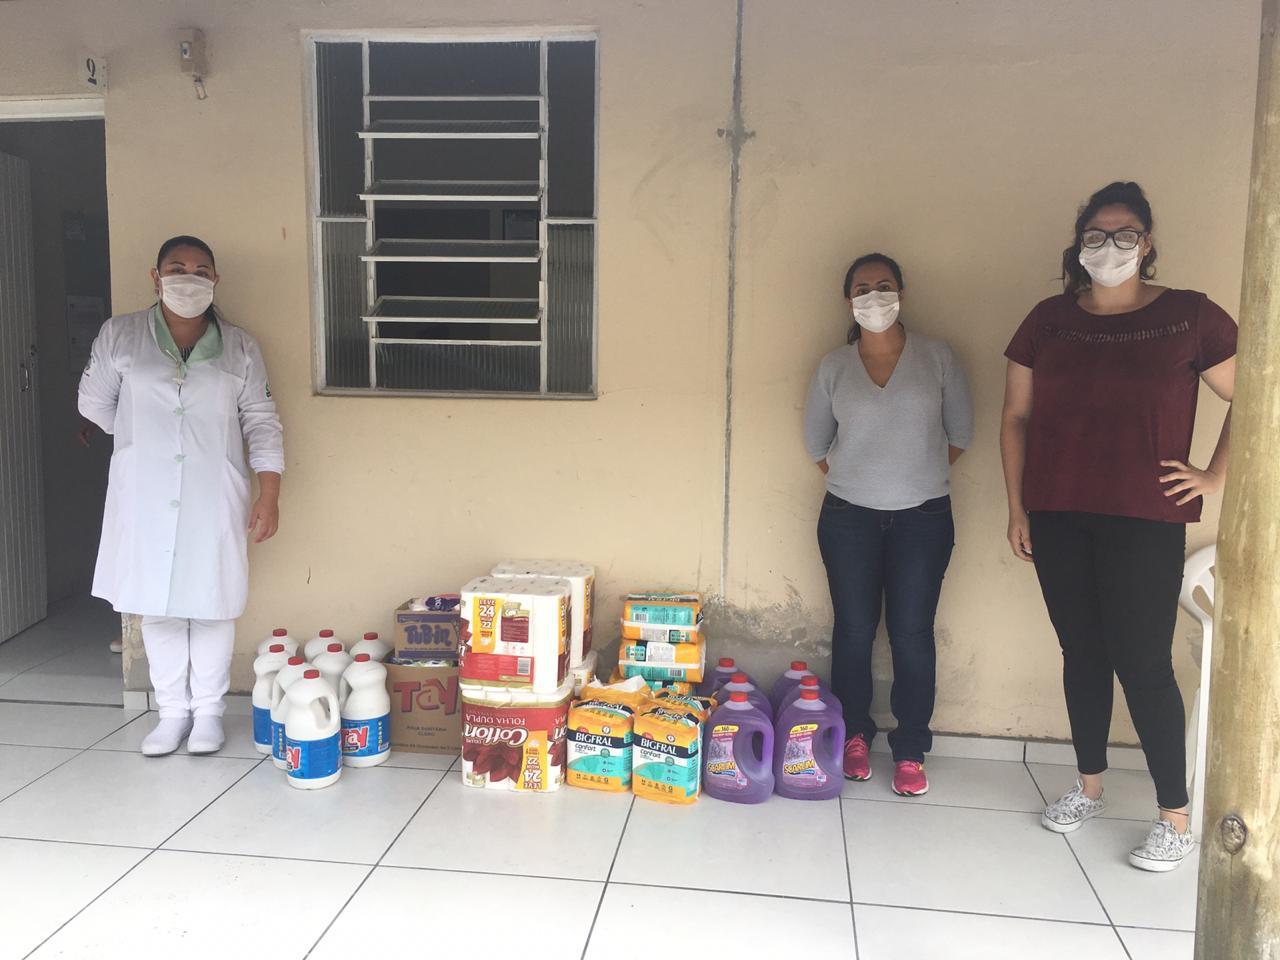 Unidade Lorena - Projeto Uniação – alunos do projeto de reforma em instituições sociais realizaram arrecadação durante a pandemia